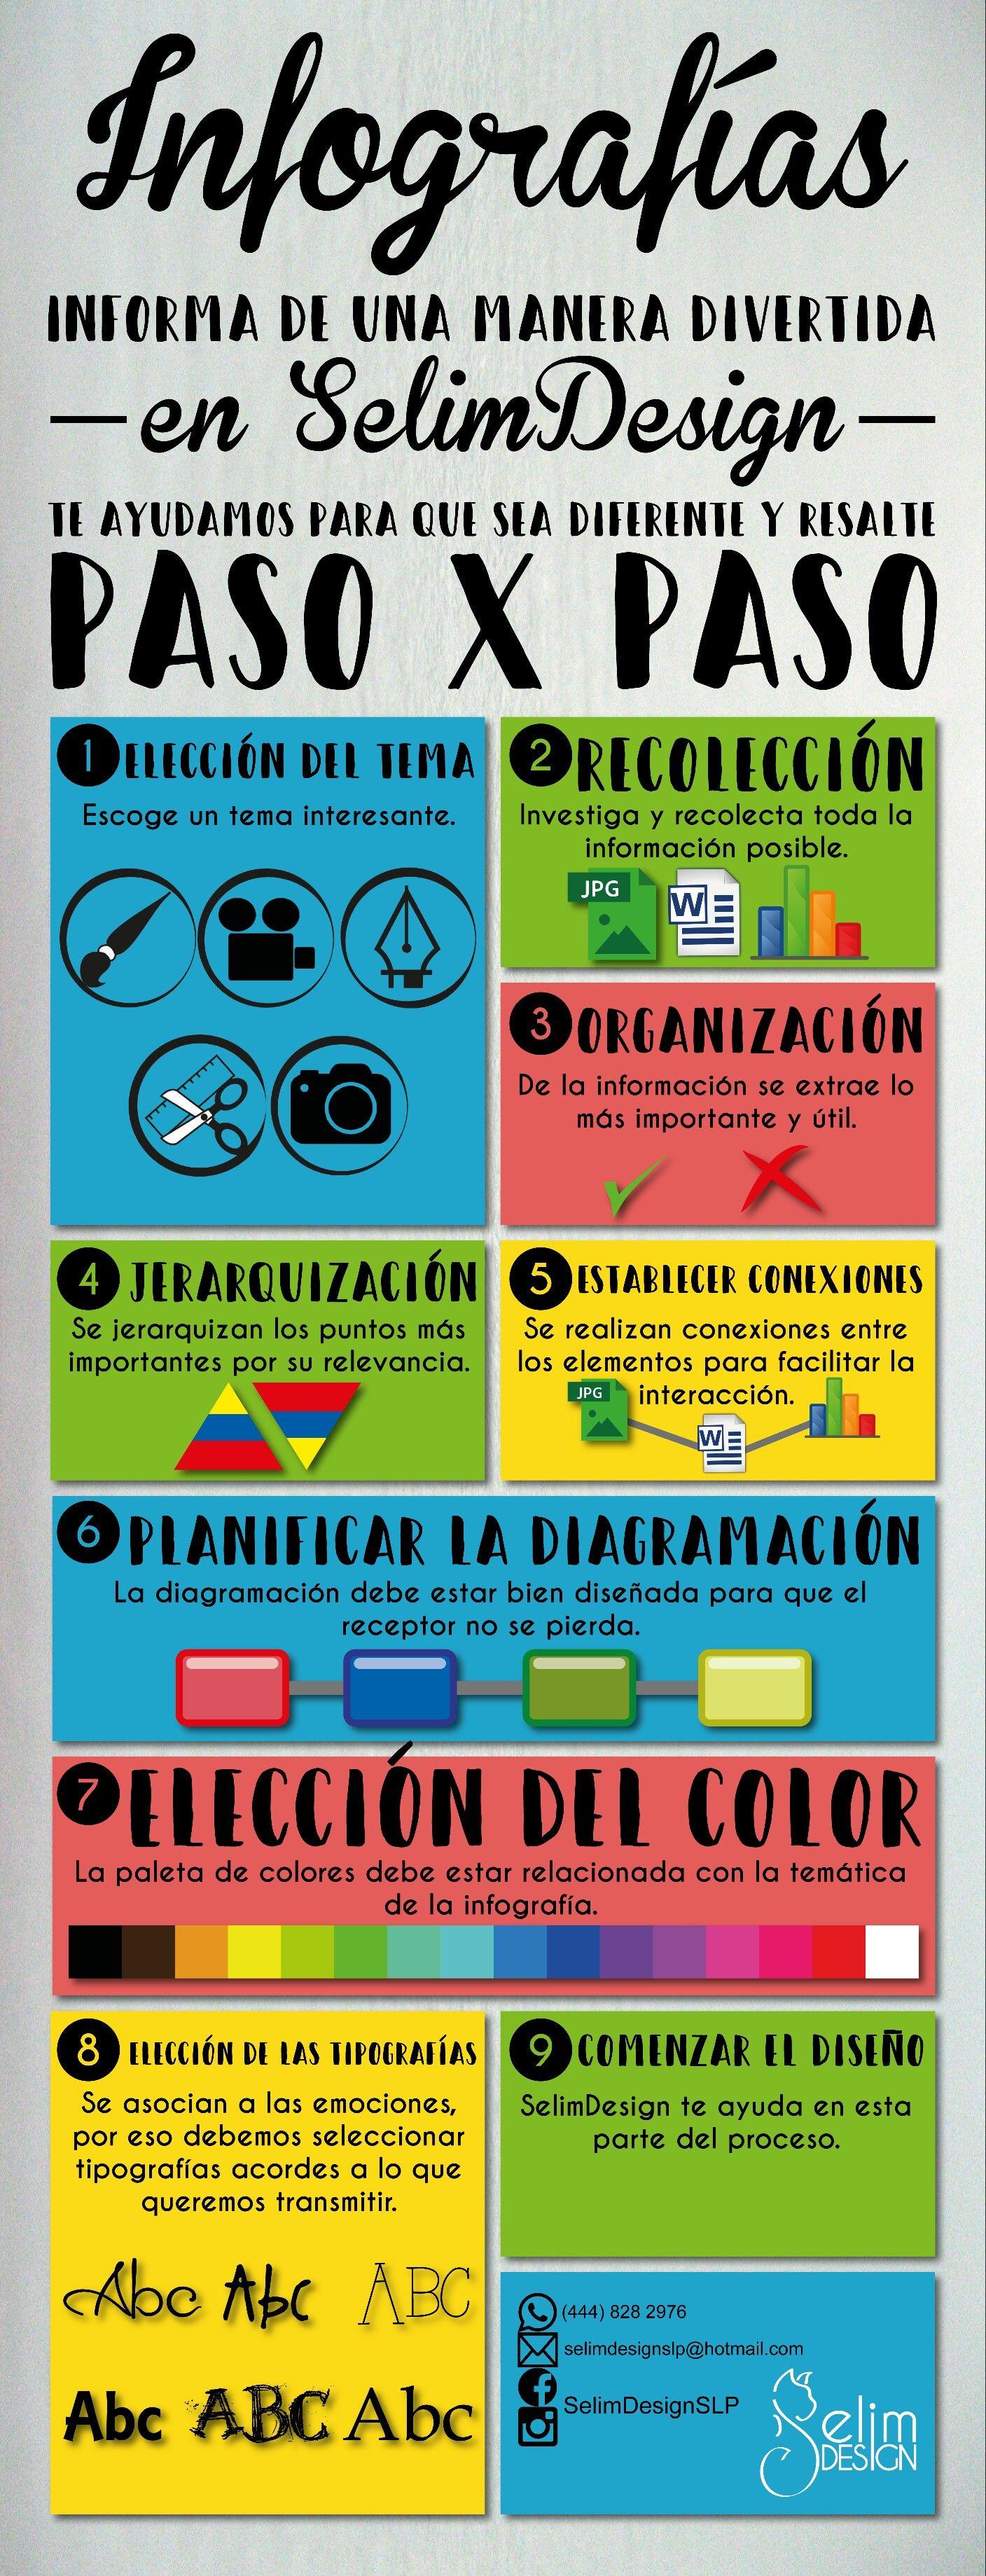 Infografias, informa de una manera divertida, en SelimDesign te ayudamos para que sea diferente y resalte!